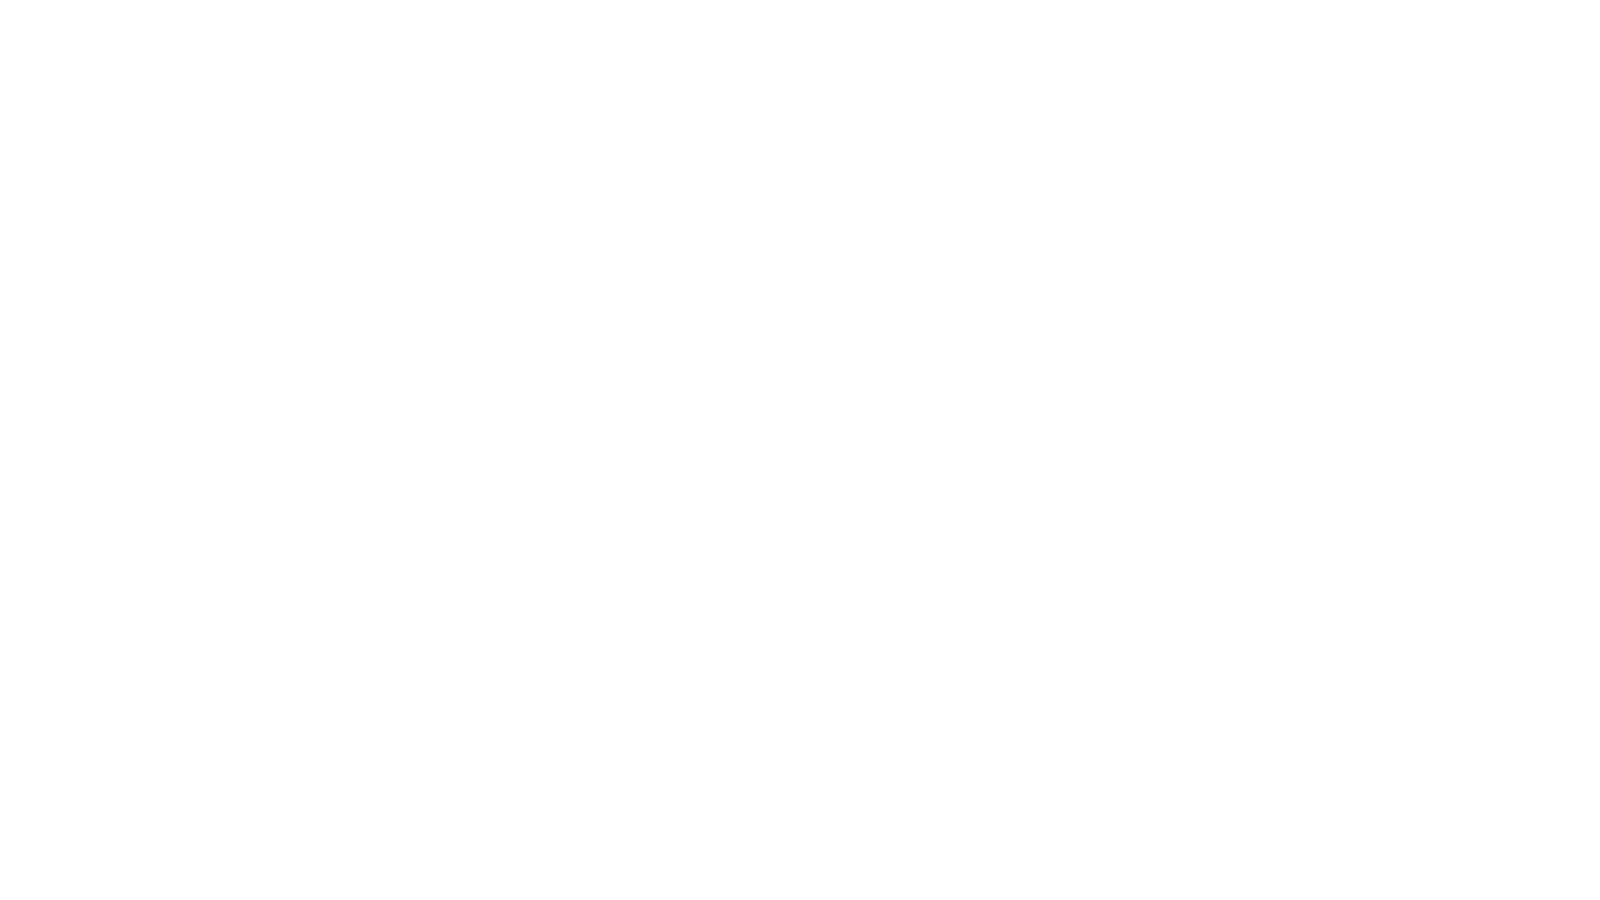 박지호목사